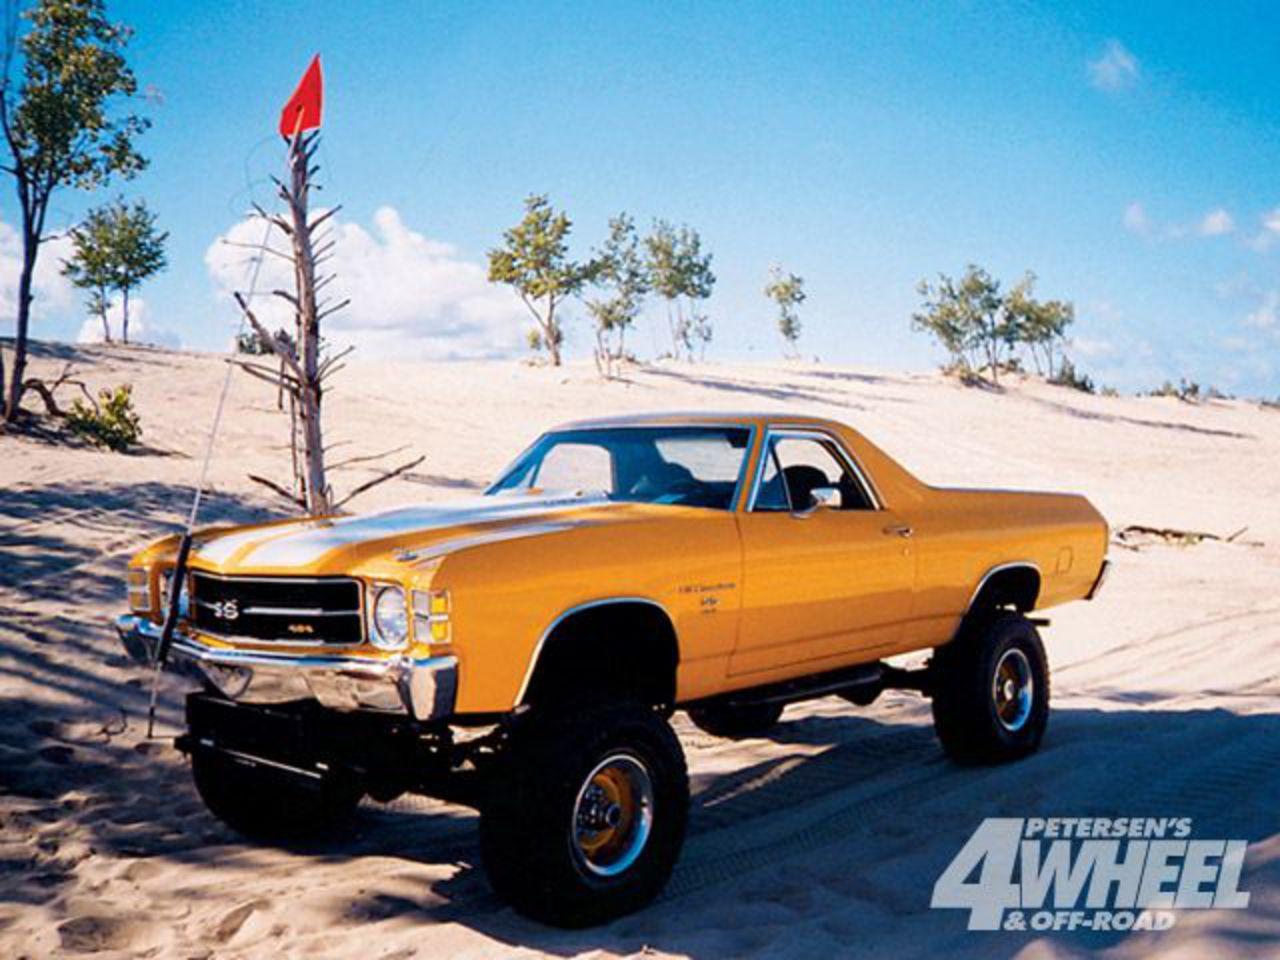 Chevrolet El Camino Ss View Download Wallpaper X Comments C E